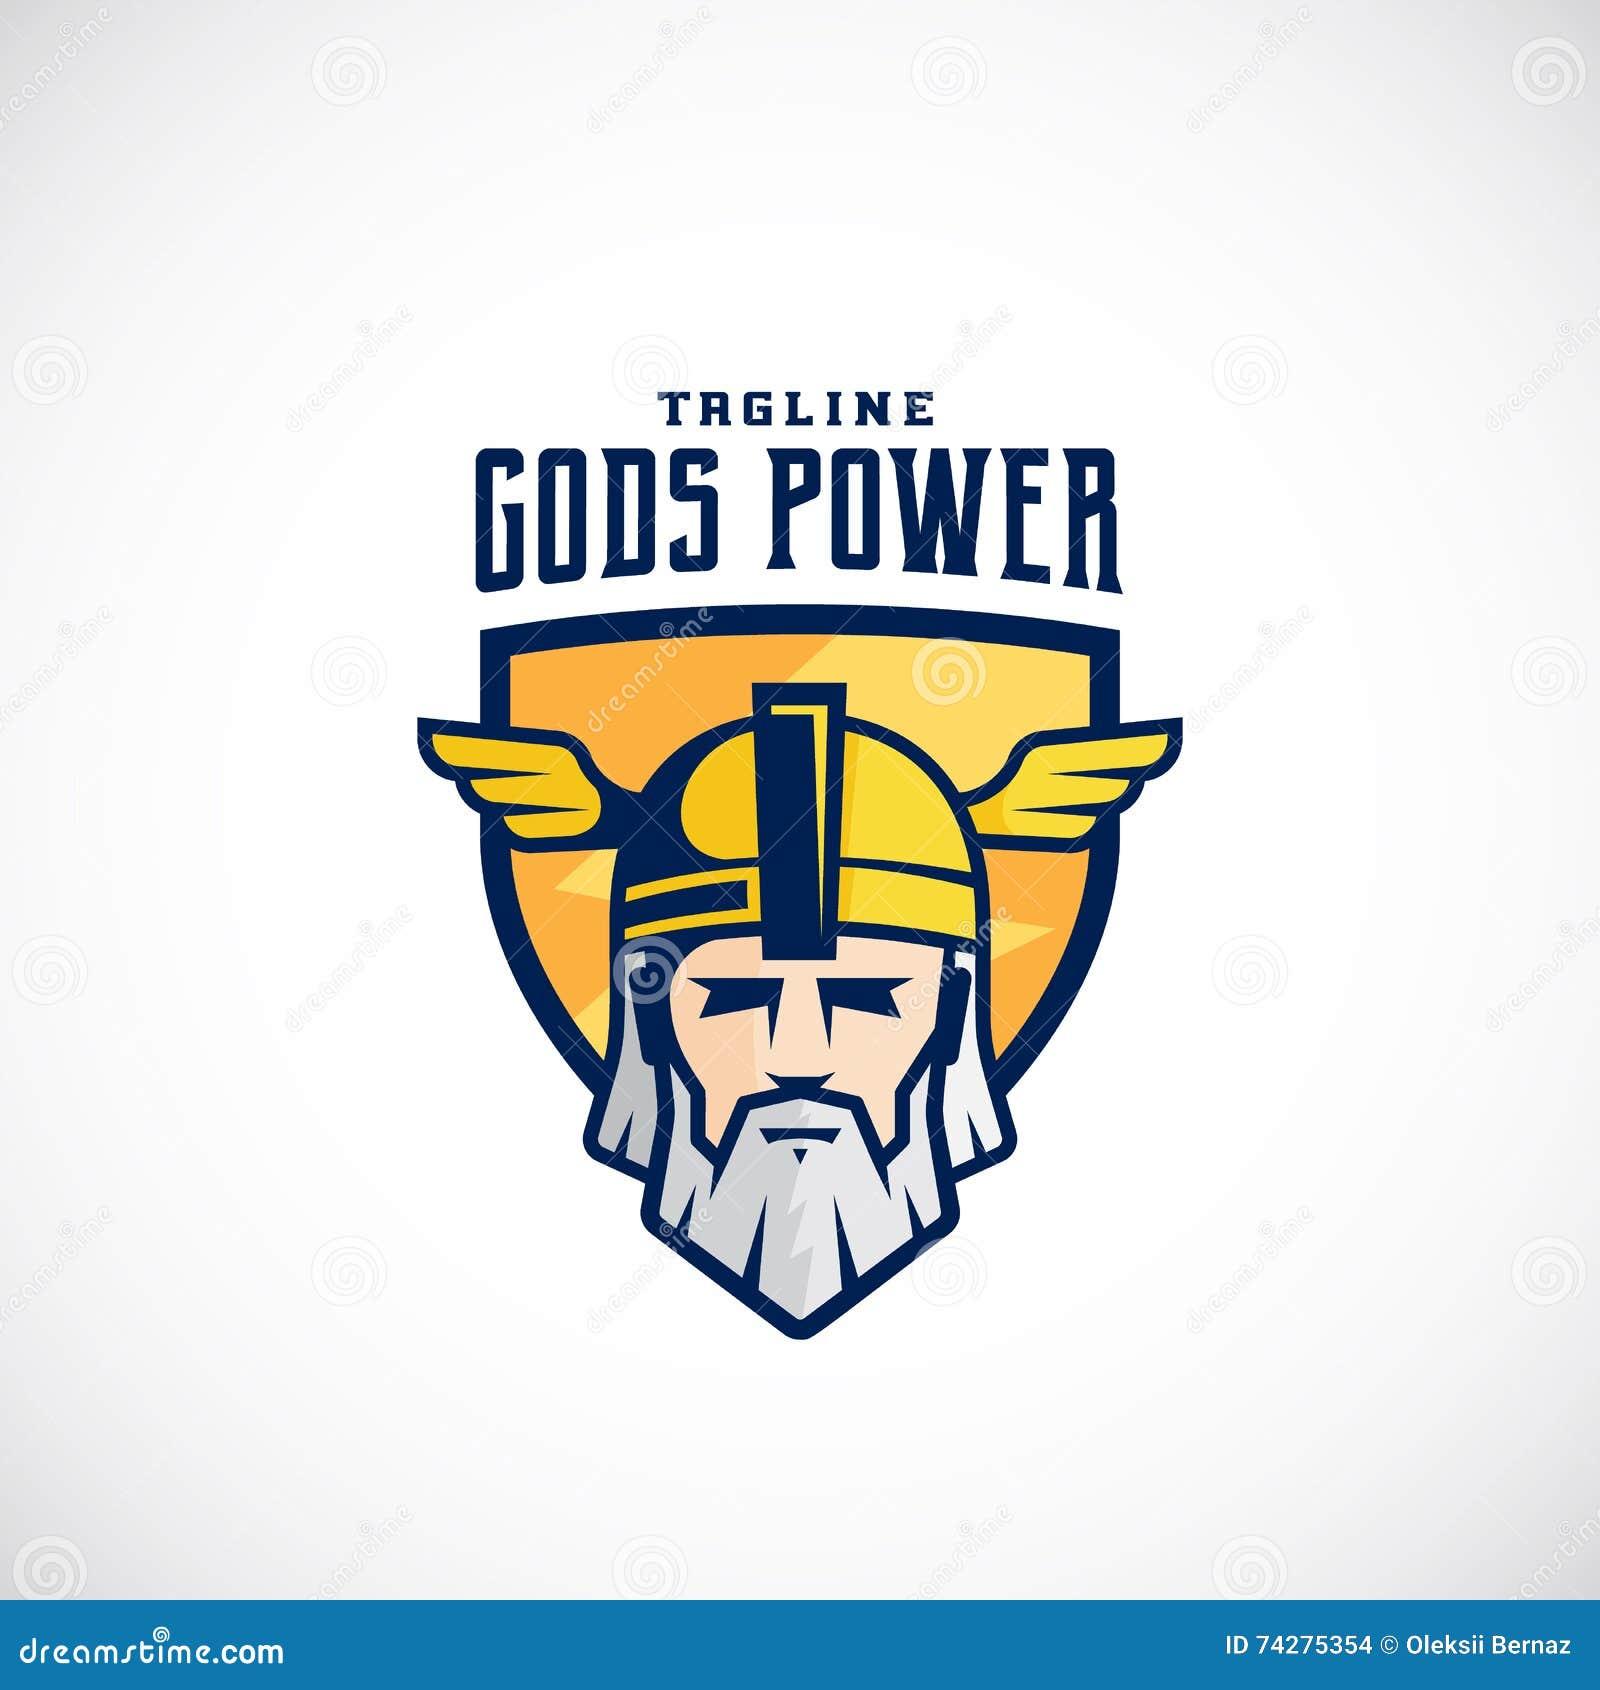 Gott-Energie-Vektor-Sport-Team oder Liga Logo Template Odin Face in einem Schild, mit Typografie